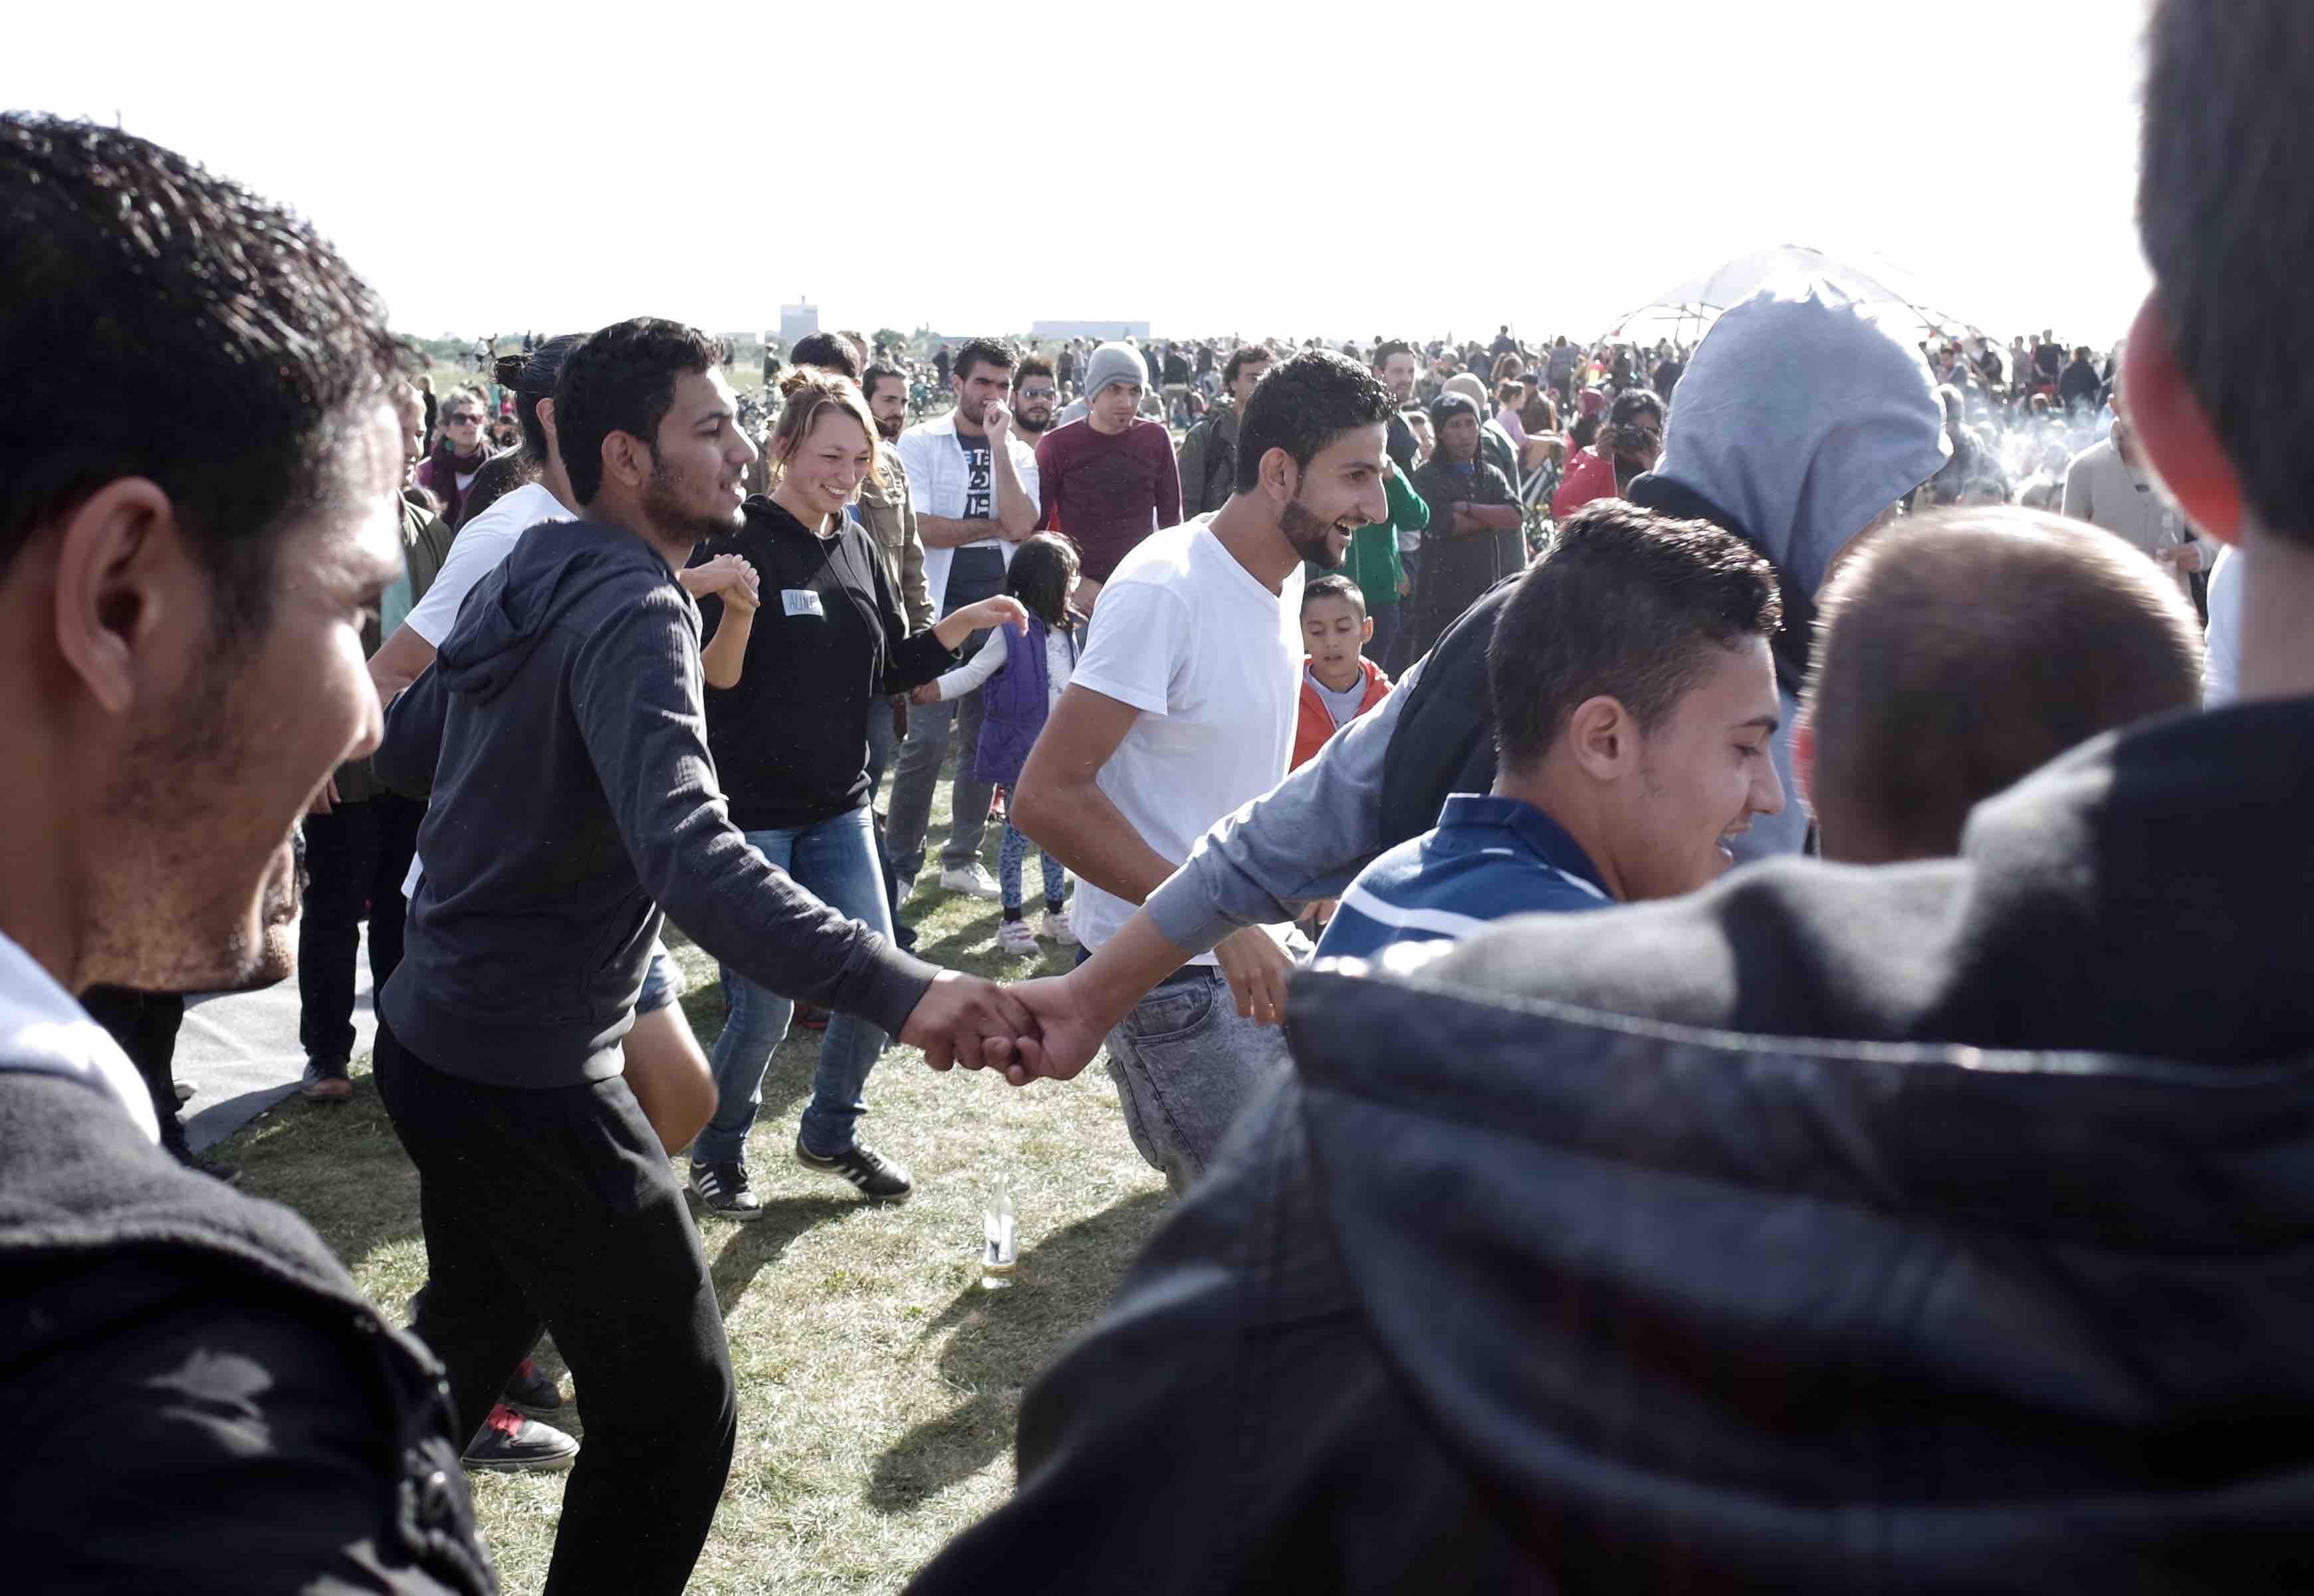 Refugees at Berlin Tempelhof